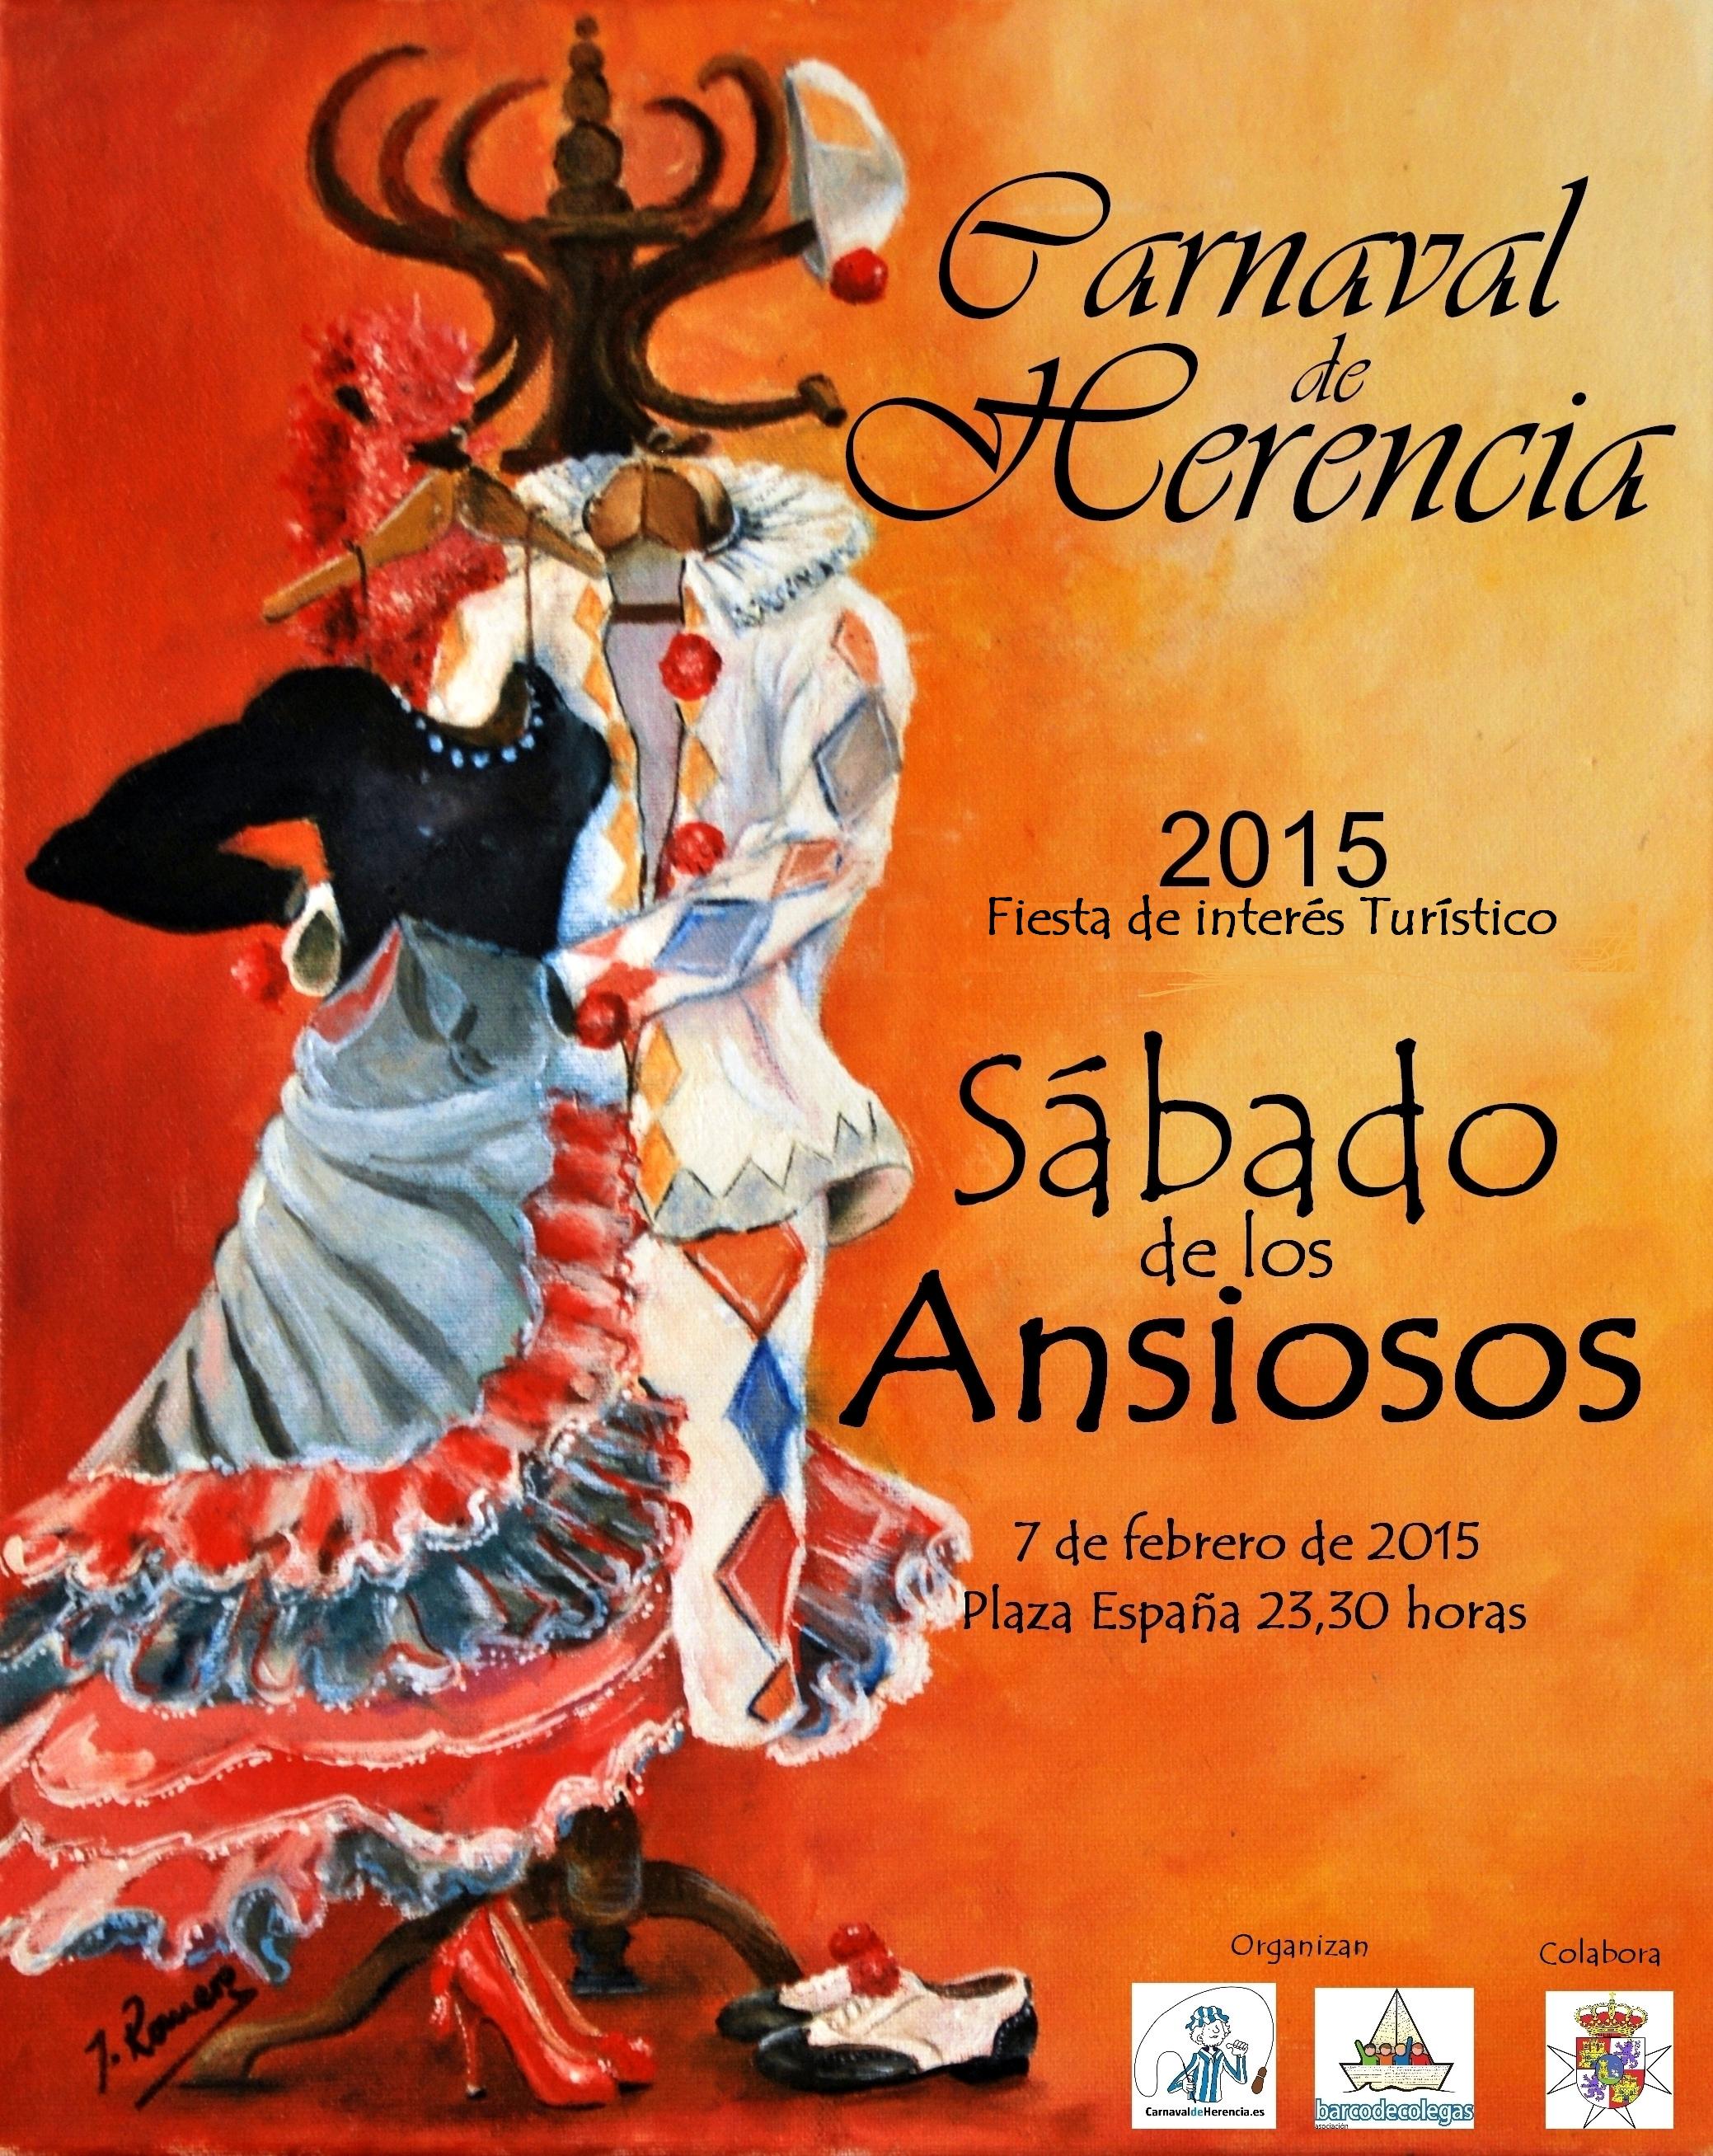 Cartel Sábado de los Ansiosos del Carnaval de Herencia 2015. Obra de Jesús Romero Núñez